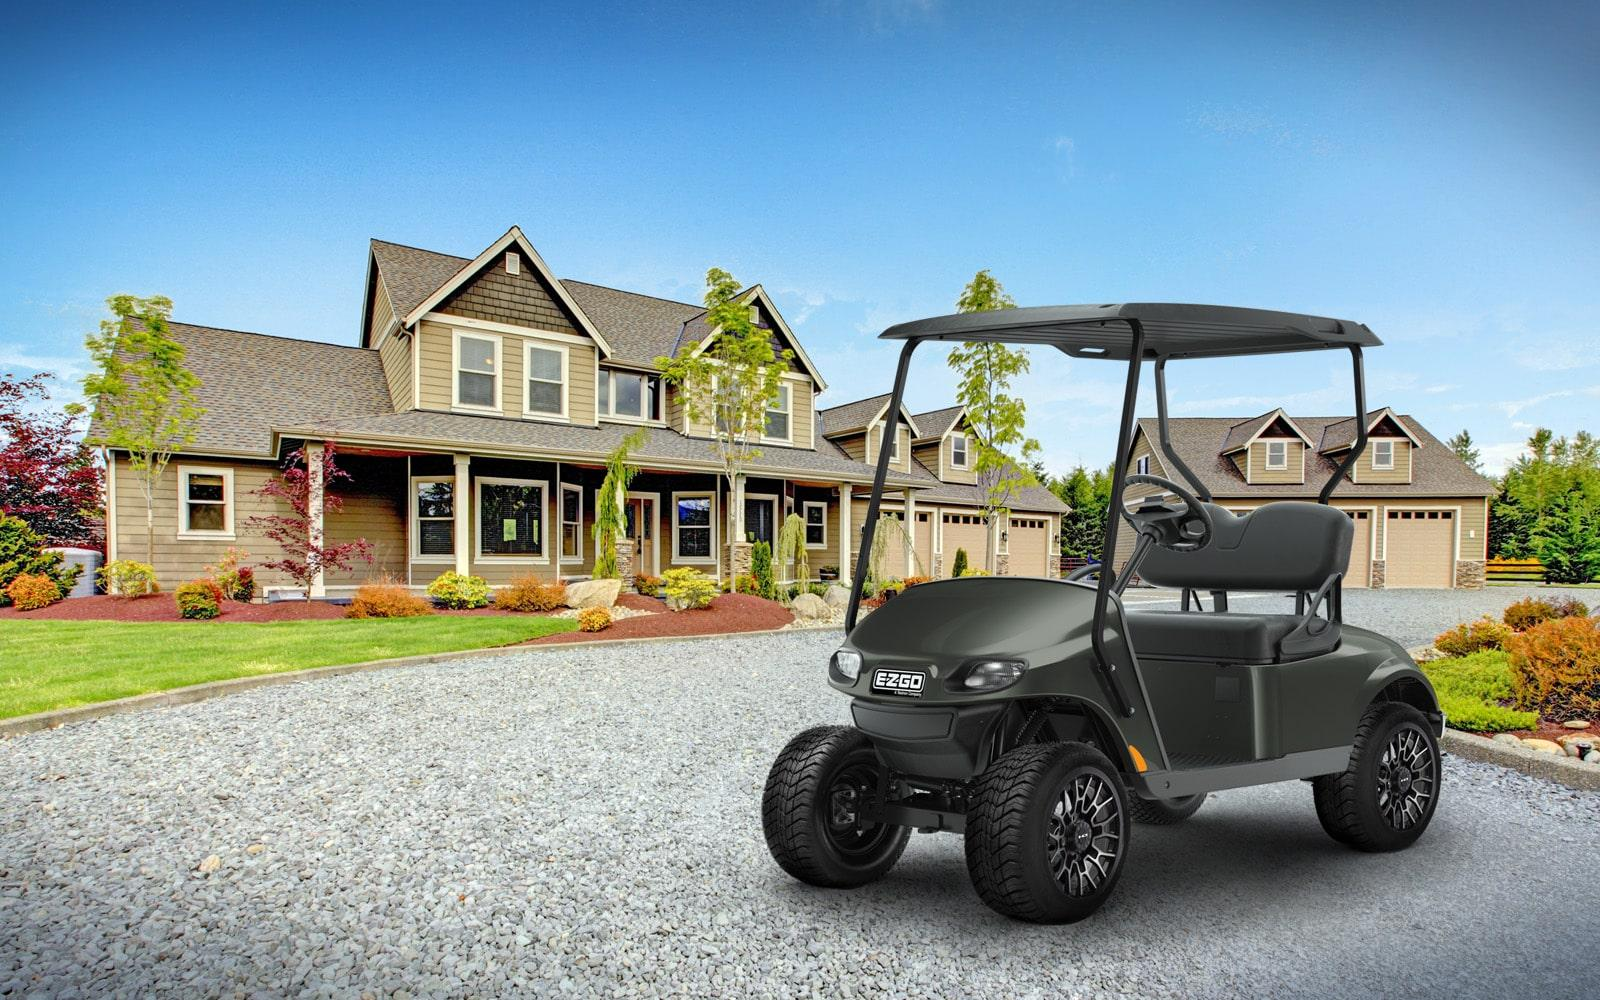 E-Z-GO Tank Green Valor Golf Cart 2 passenger